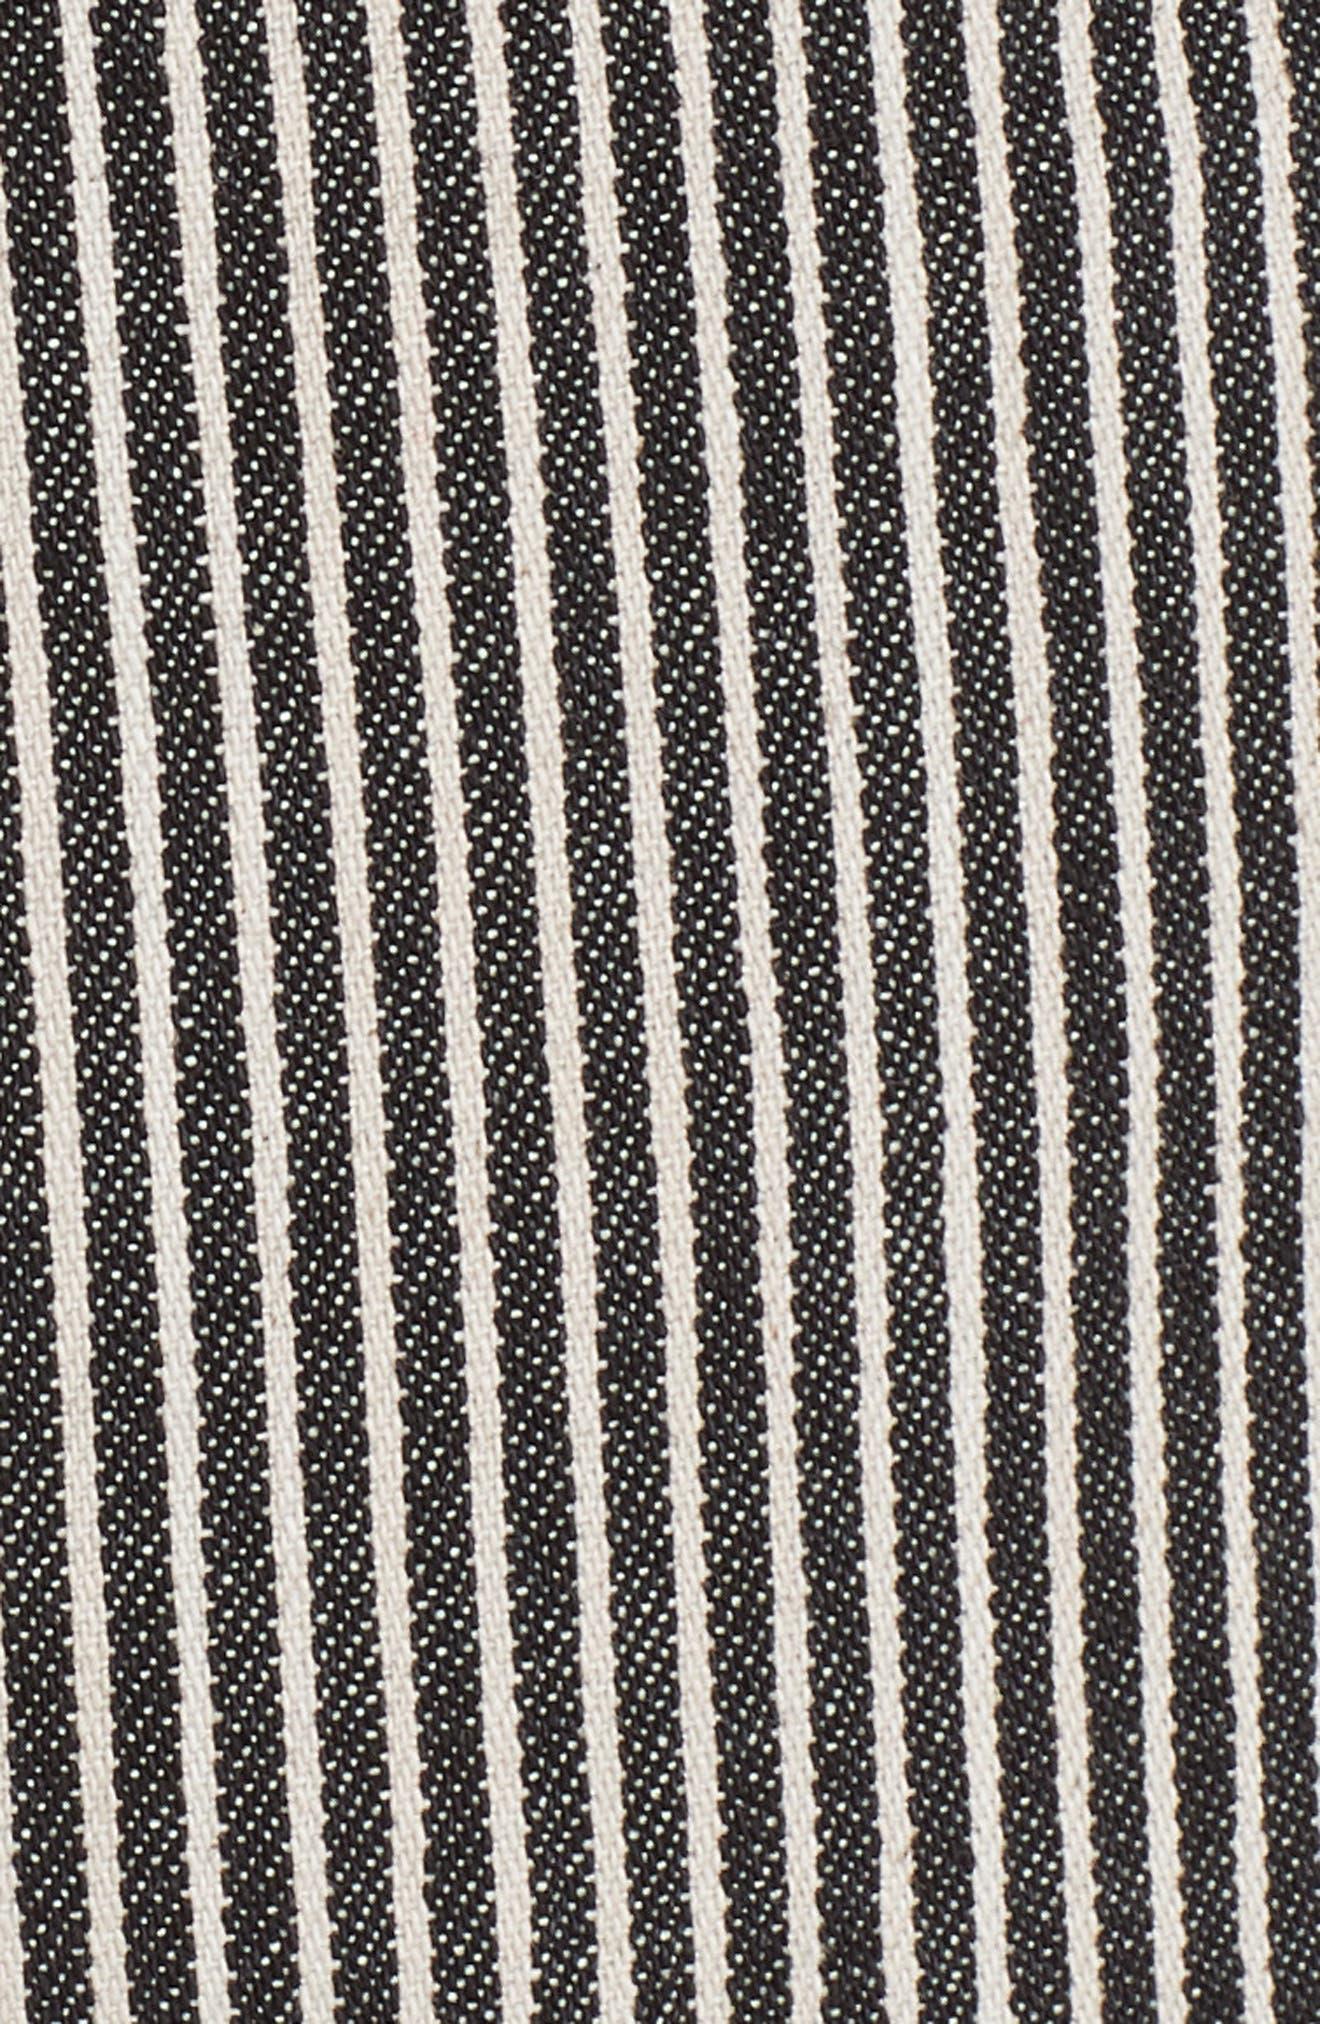 Stripe Crop Pants,                             Alternate thumbnail 5, color,                             001